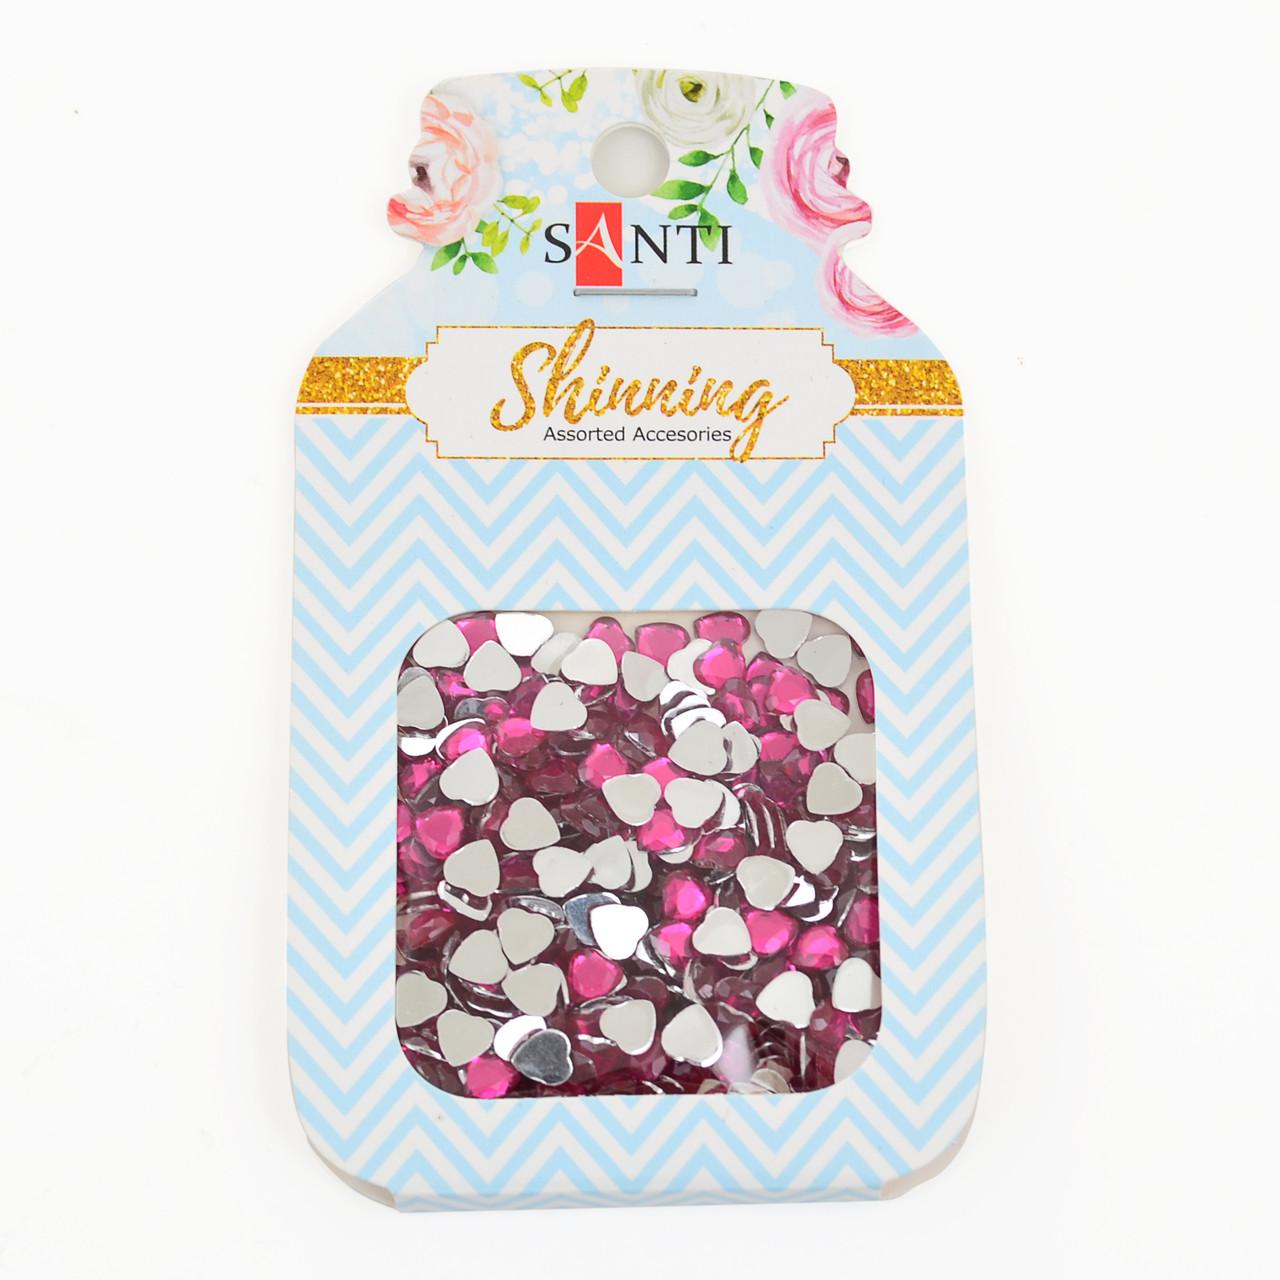 """Набор страз-сердечек """"Santi"""" 8 грамм, цвет ярко-розовый 741519"""